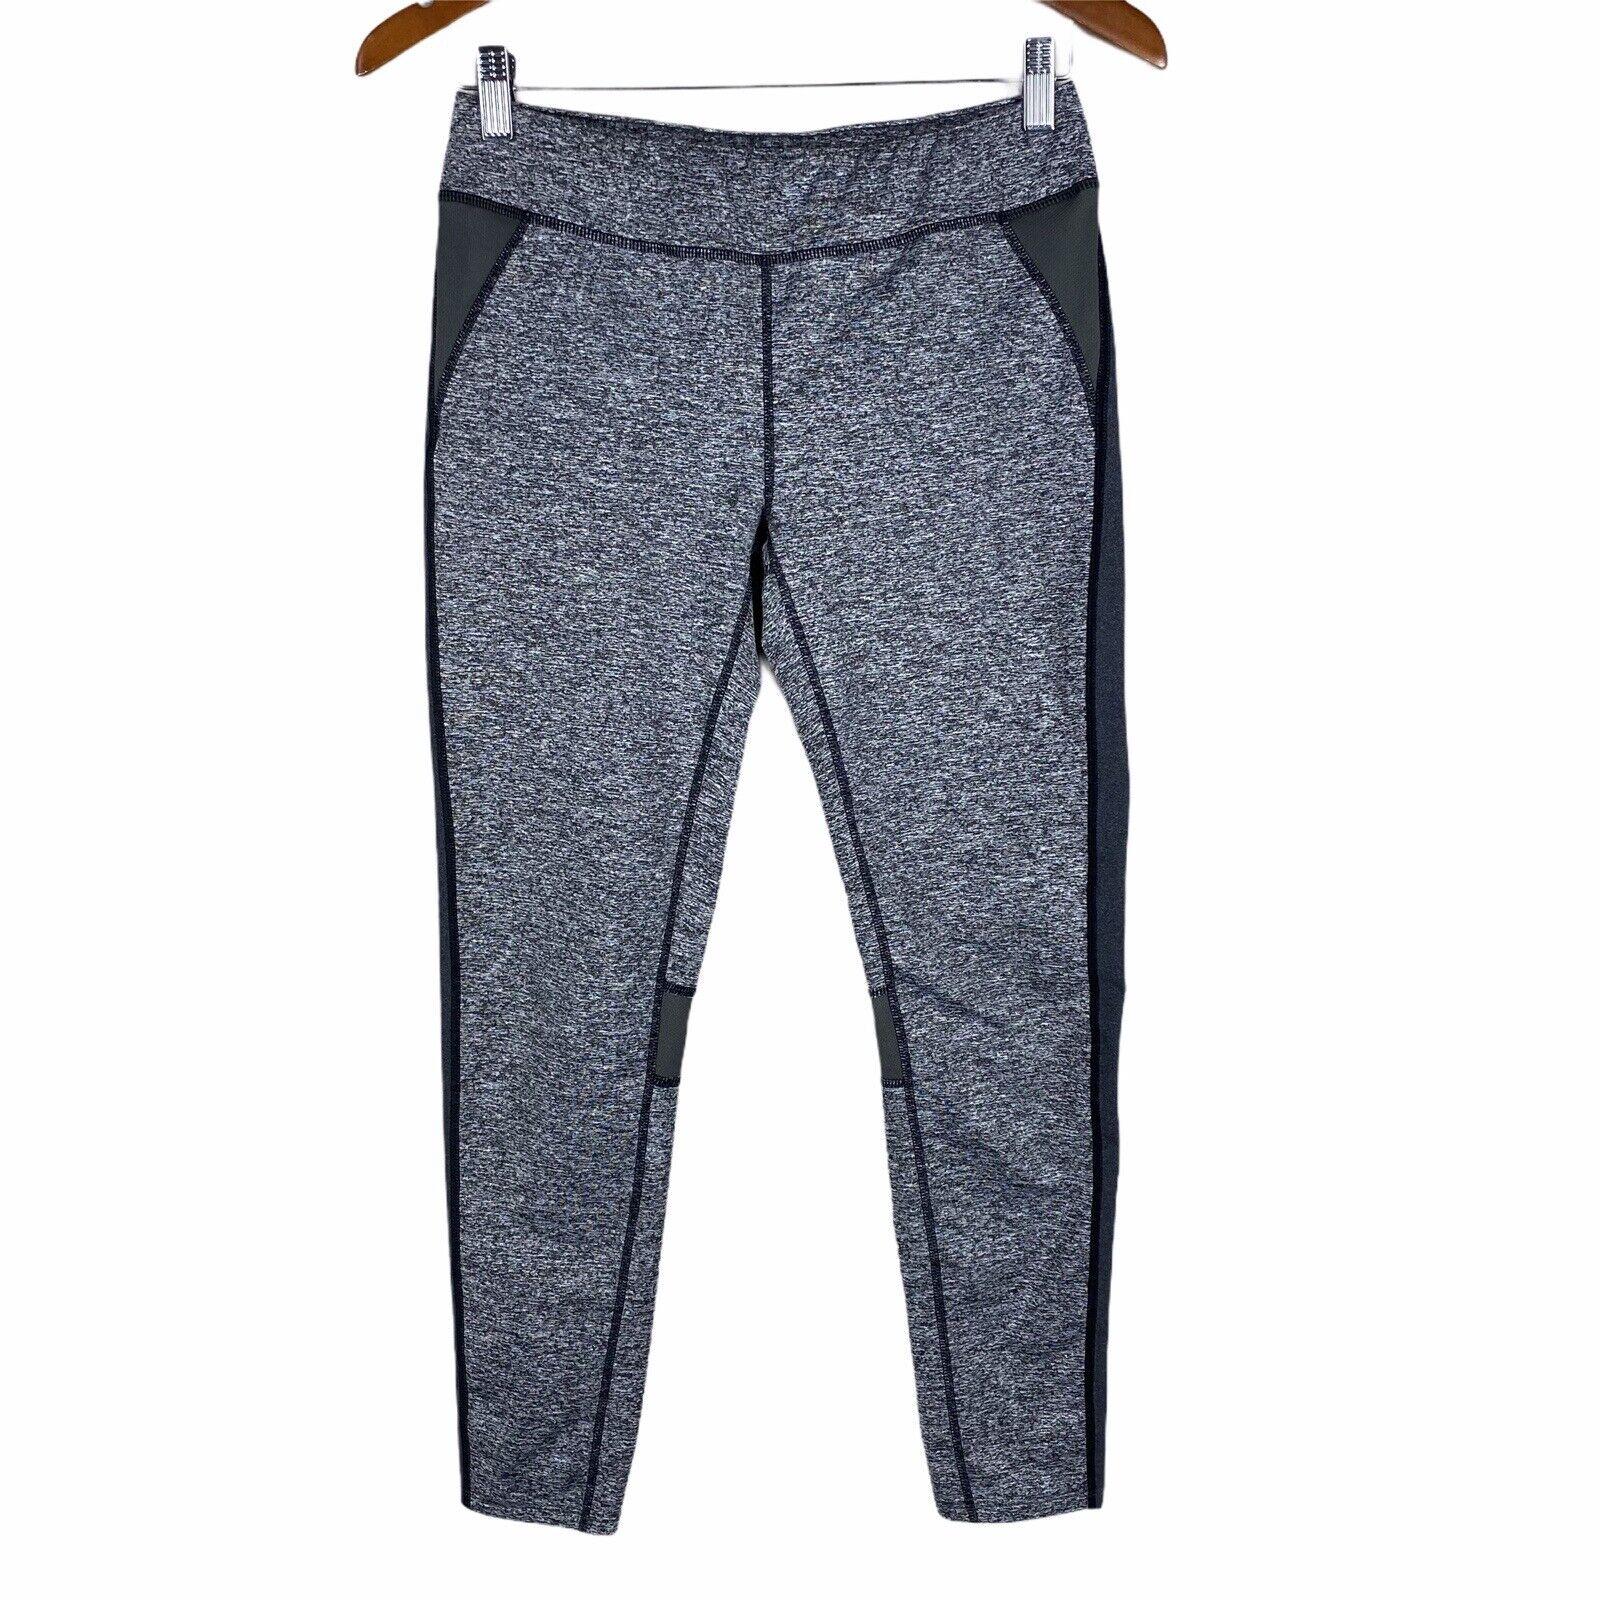 Oiselle Grey And Black Cropped Athletic Leggings Size Medium Gym Yoga